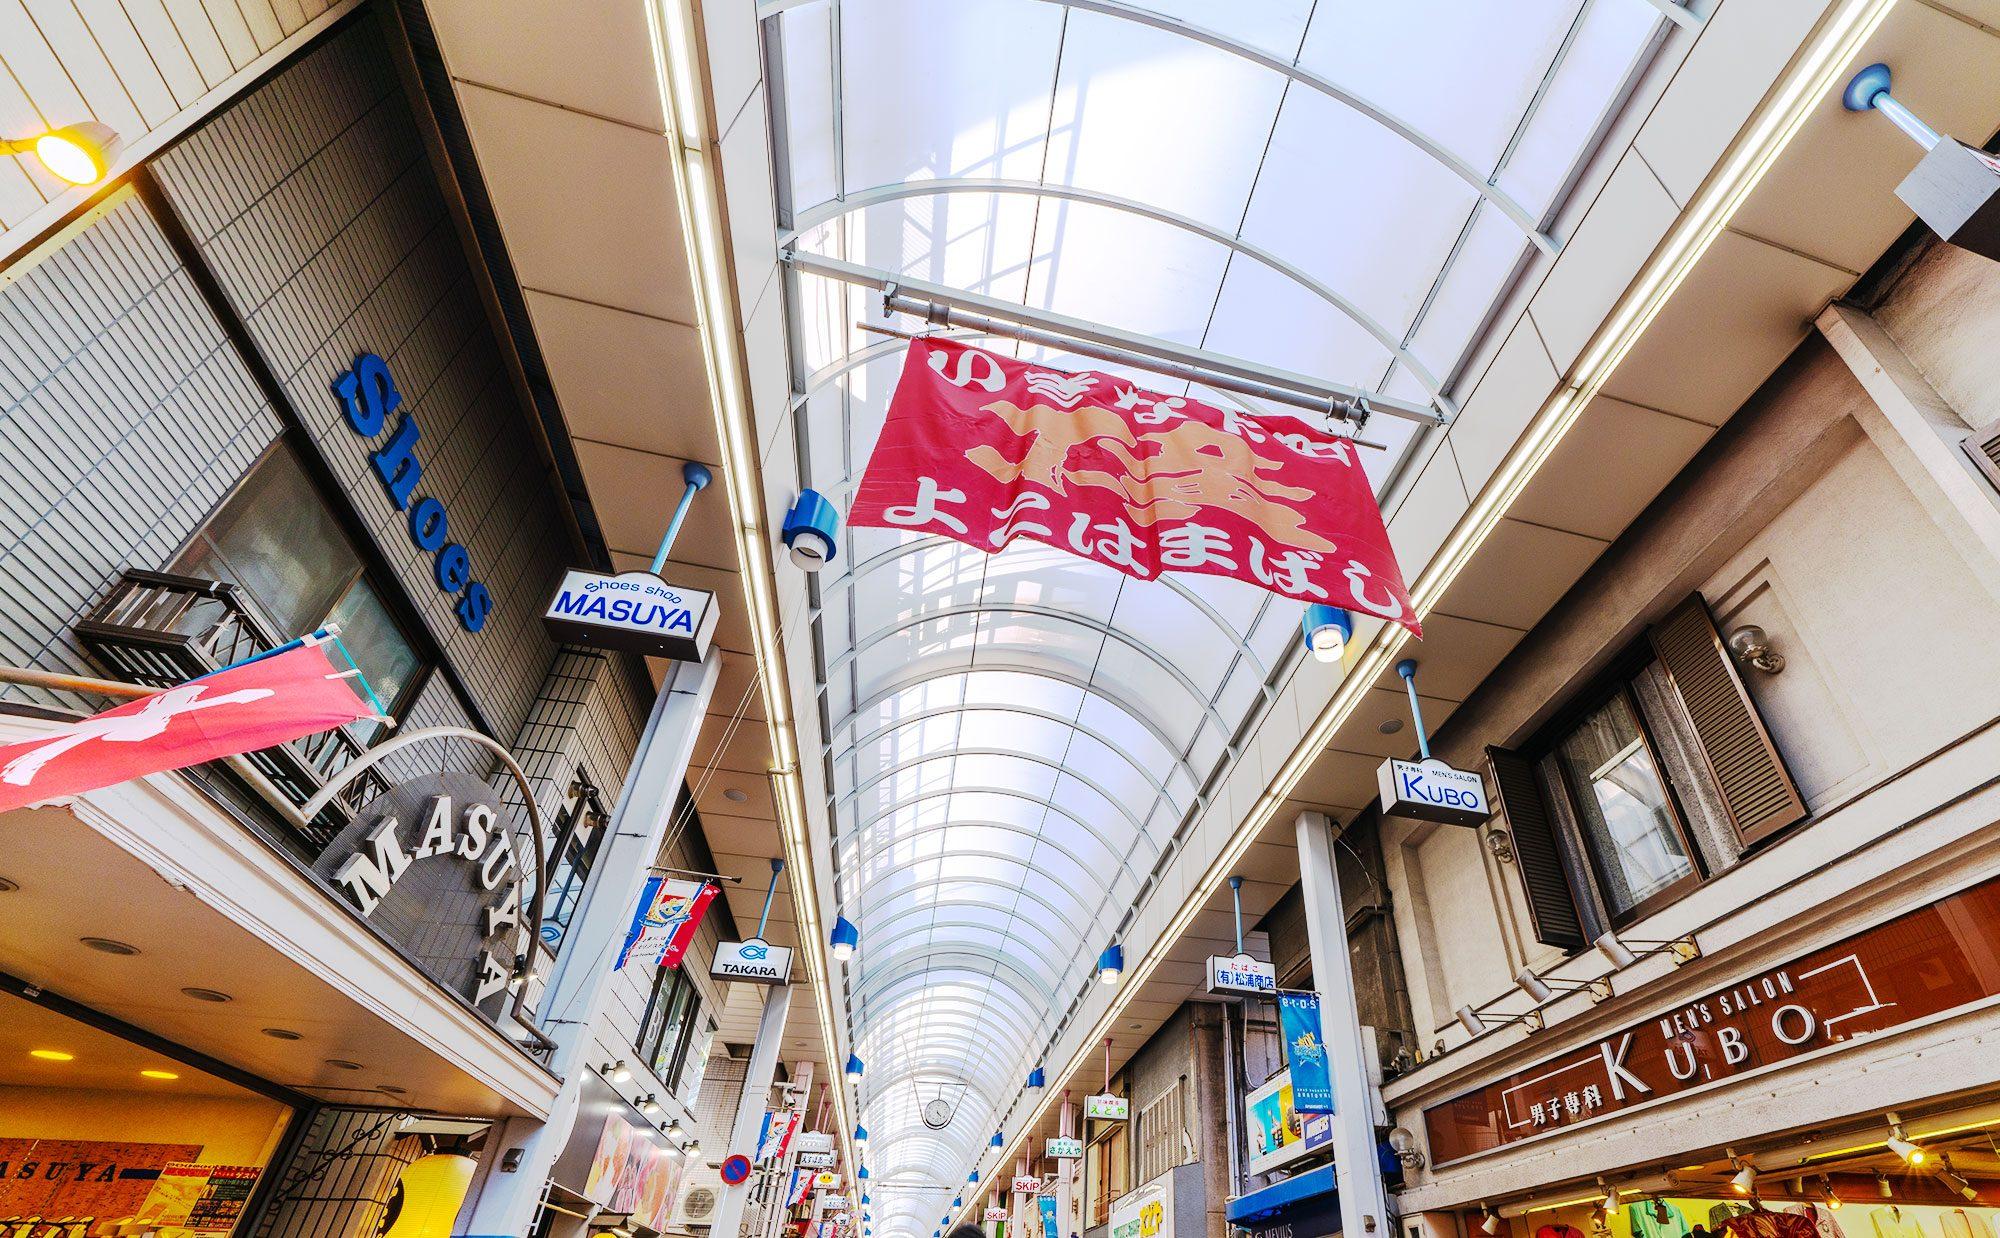 ハマの台所、横浜橋商店街で暮らそう! 住んで分かるディープな下町の魅力